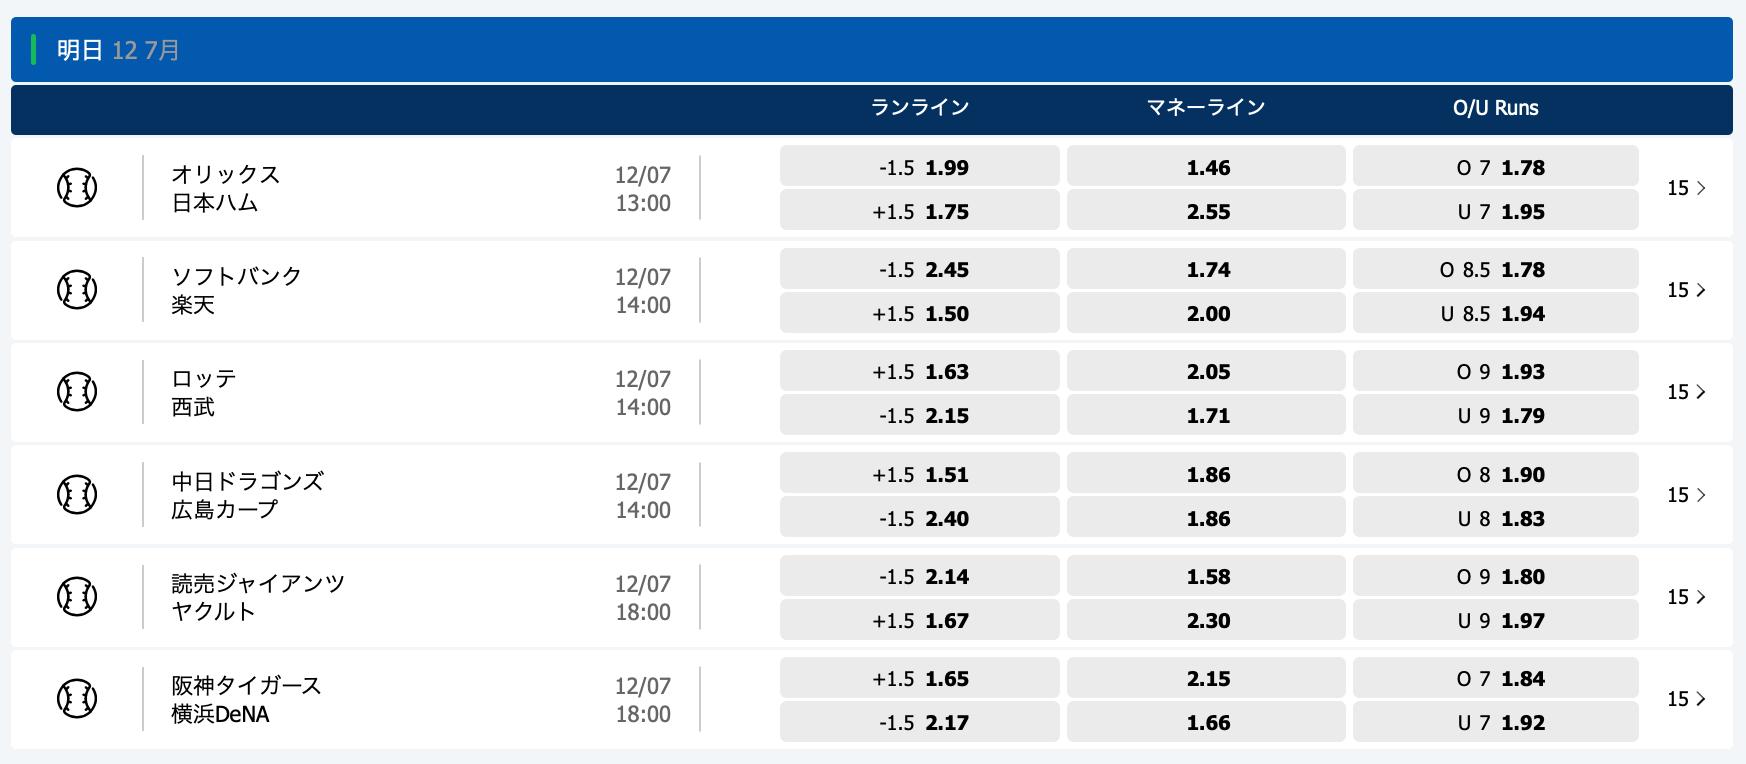 2020.7.12 プロ野球オッズ・10bet Japan